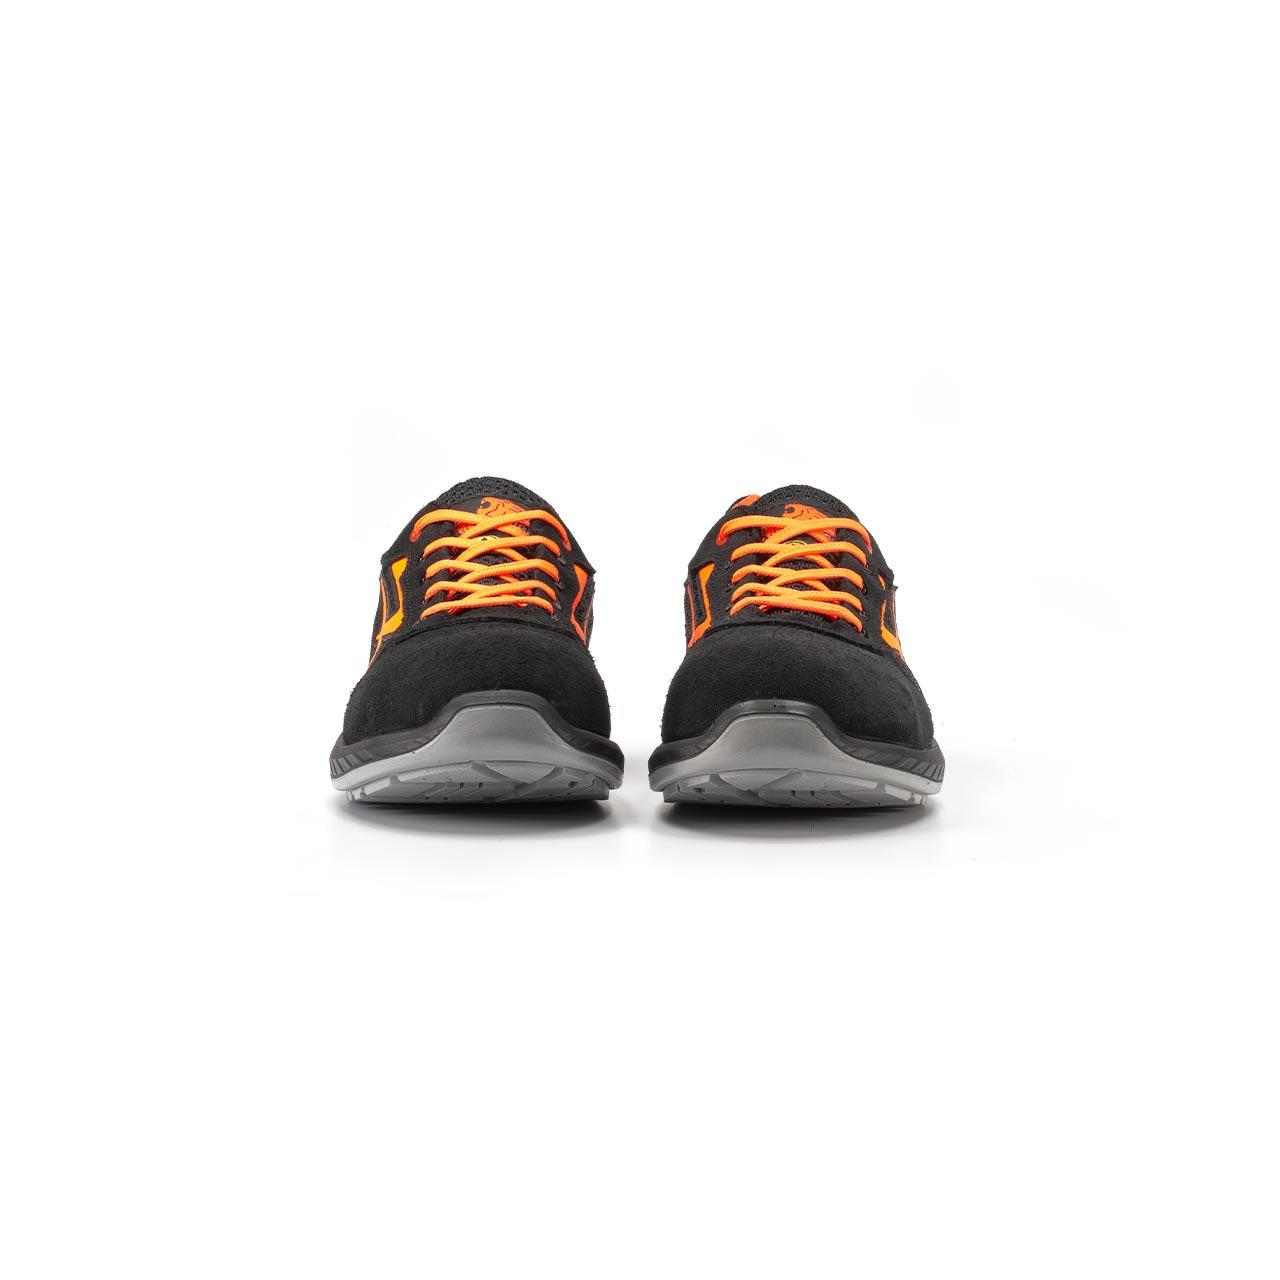 paio di scarpe antinfortunistiche upower modello nairobi linea redindustry vista frontale